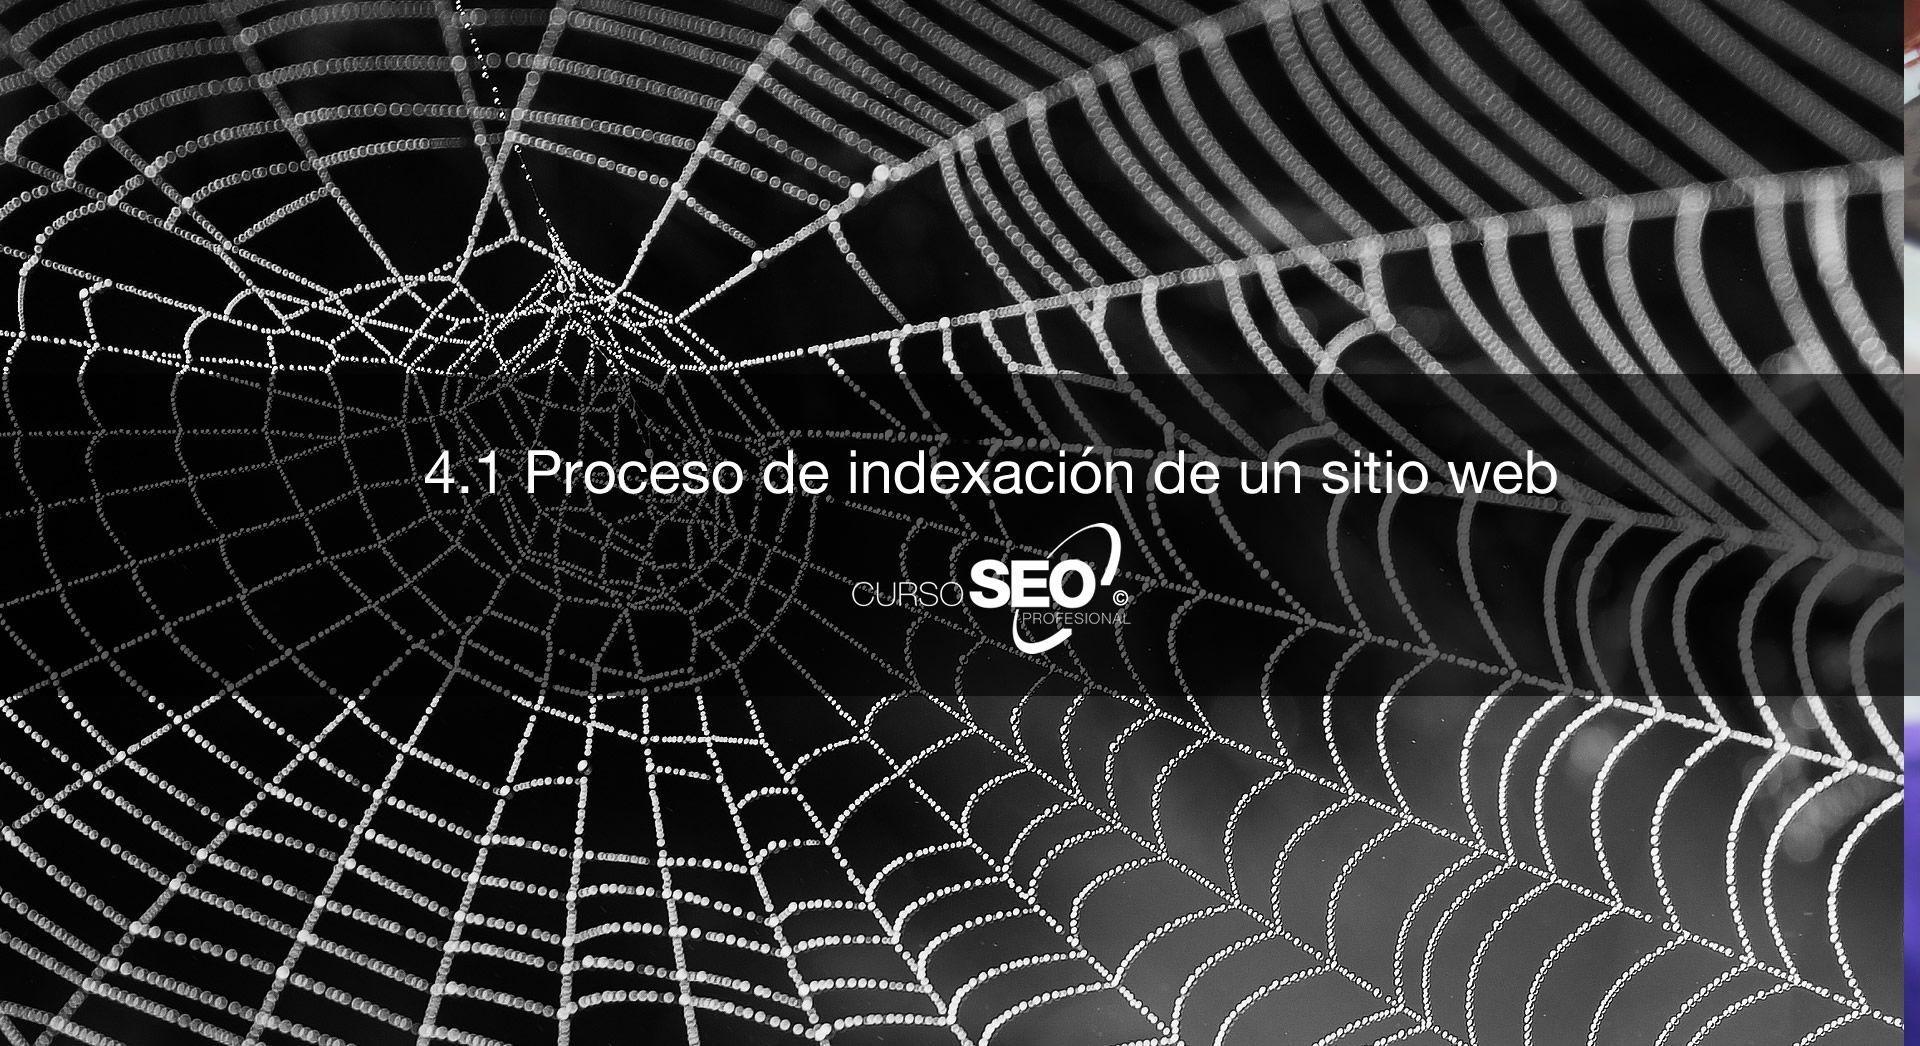 Proceso de indexación de una web